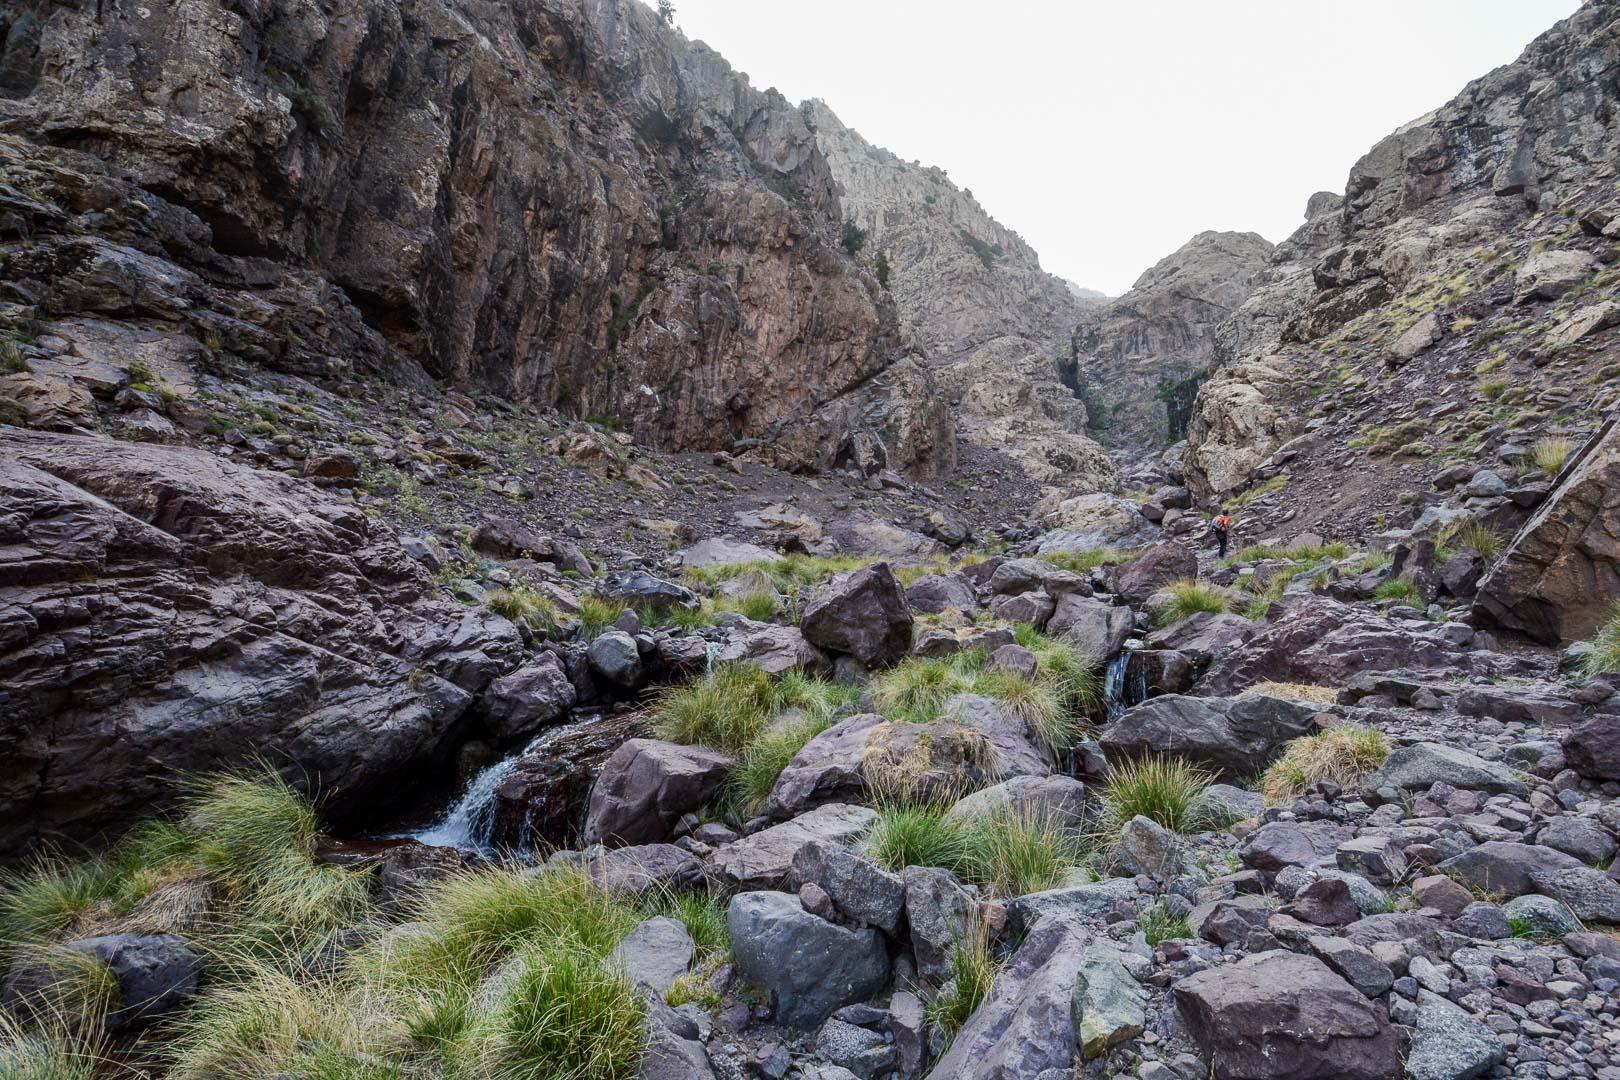 Toubkal National Park